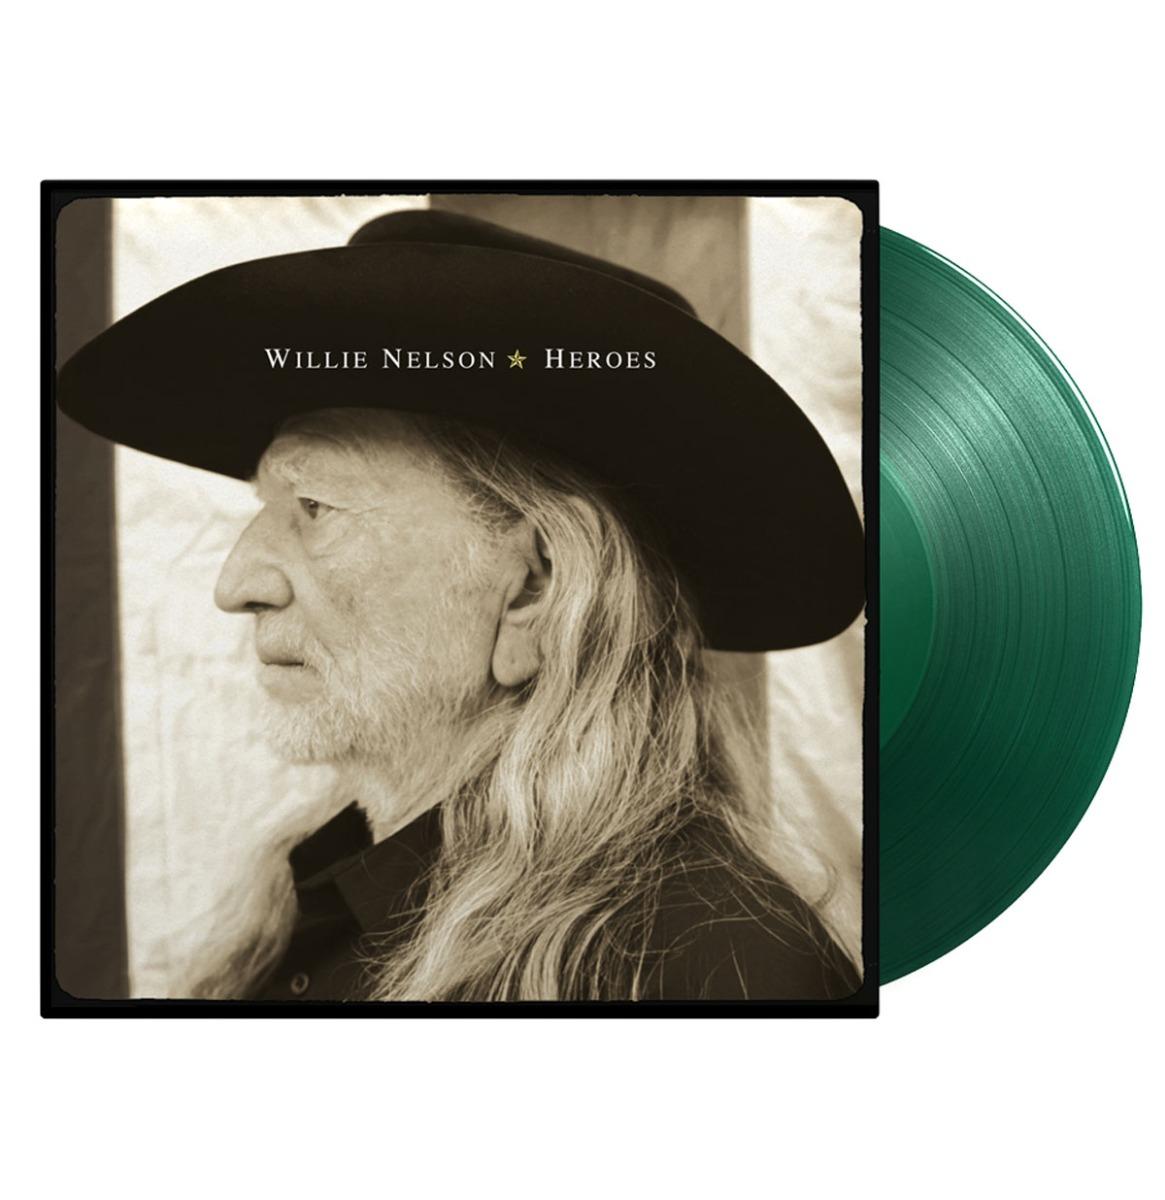 Willie Nelson - Heroes LP - Beperkte Oplage